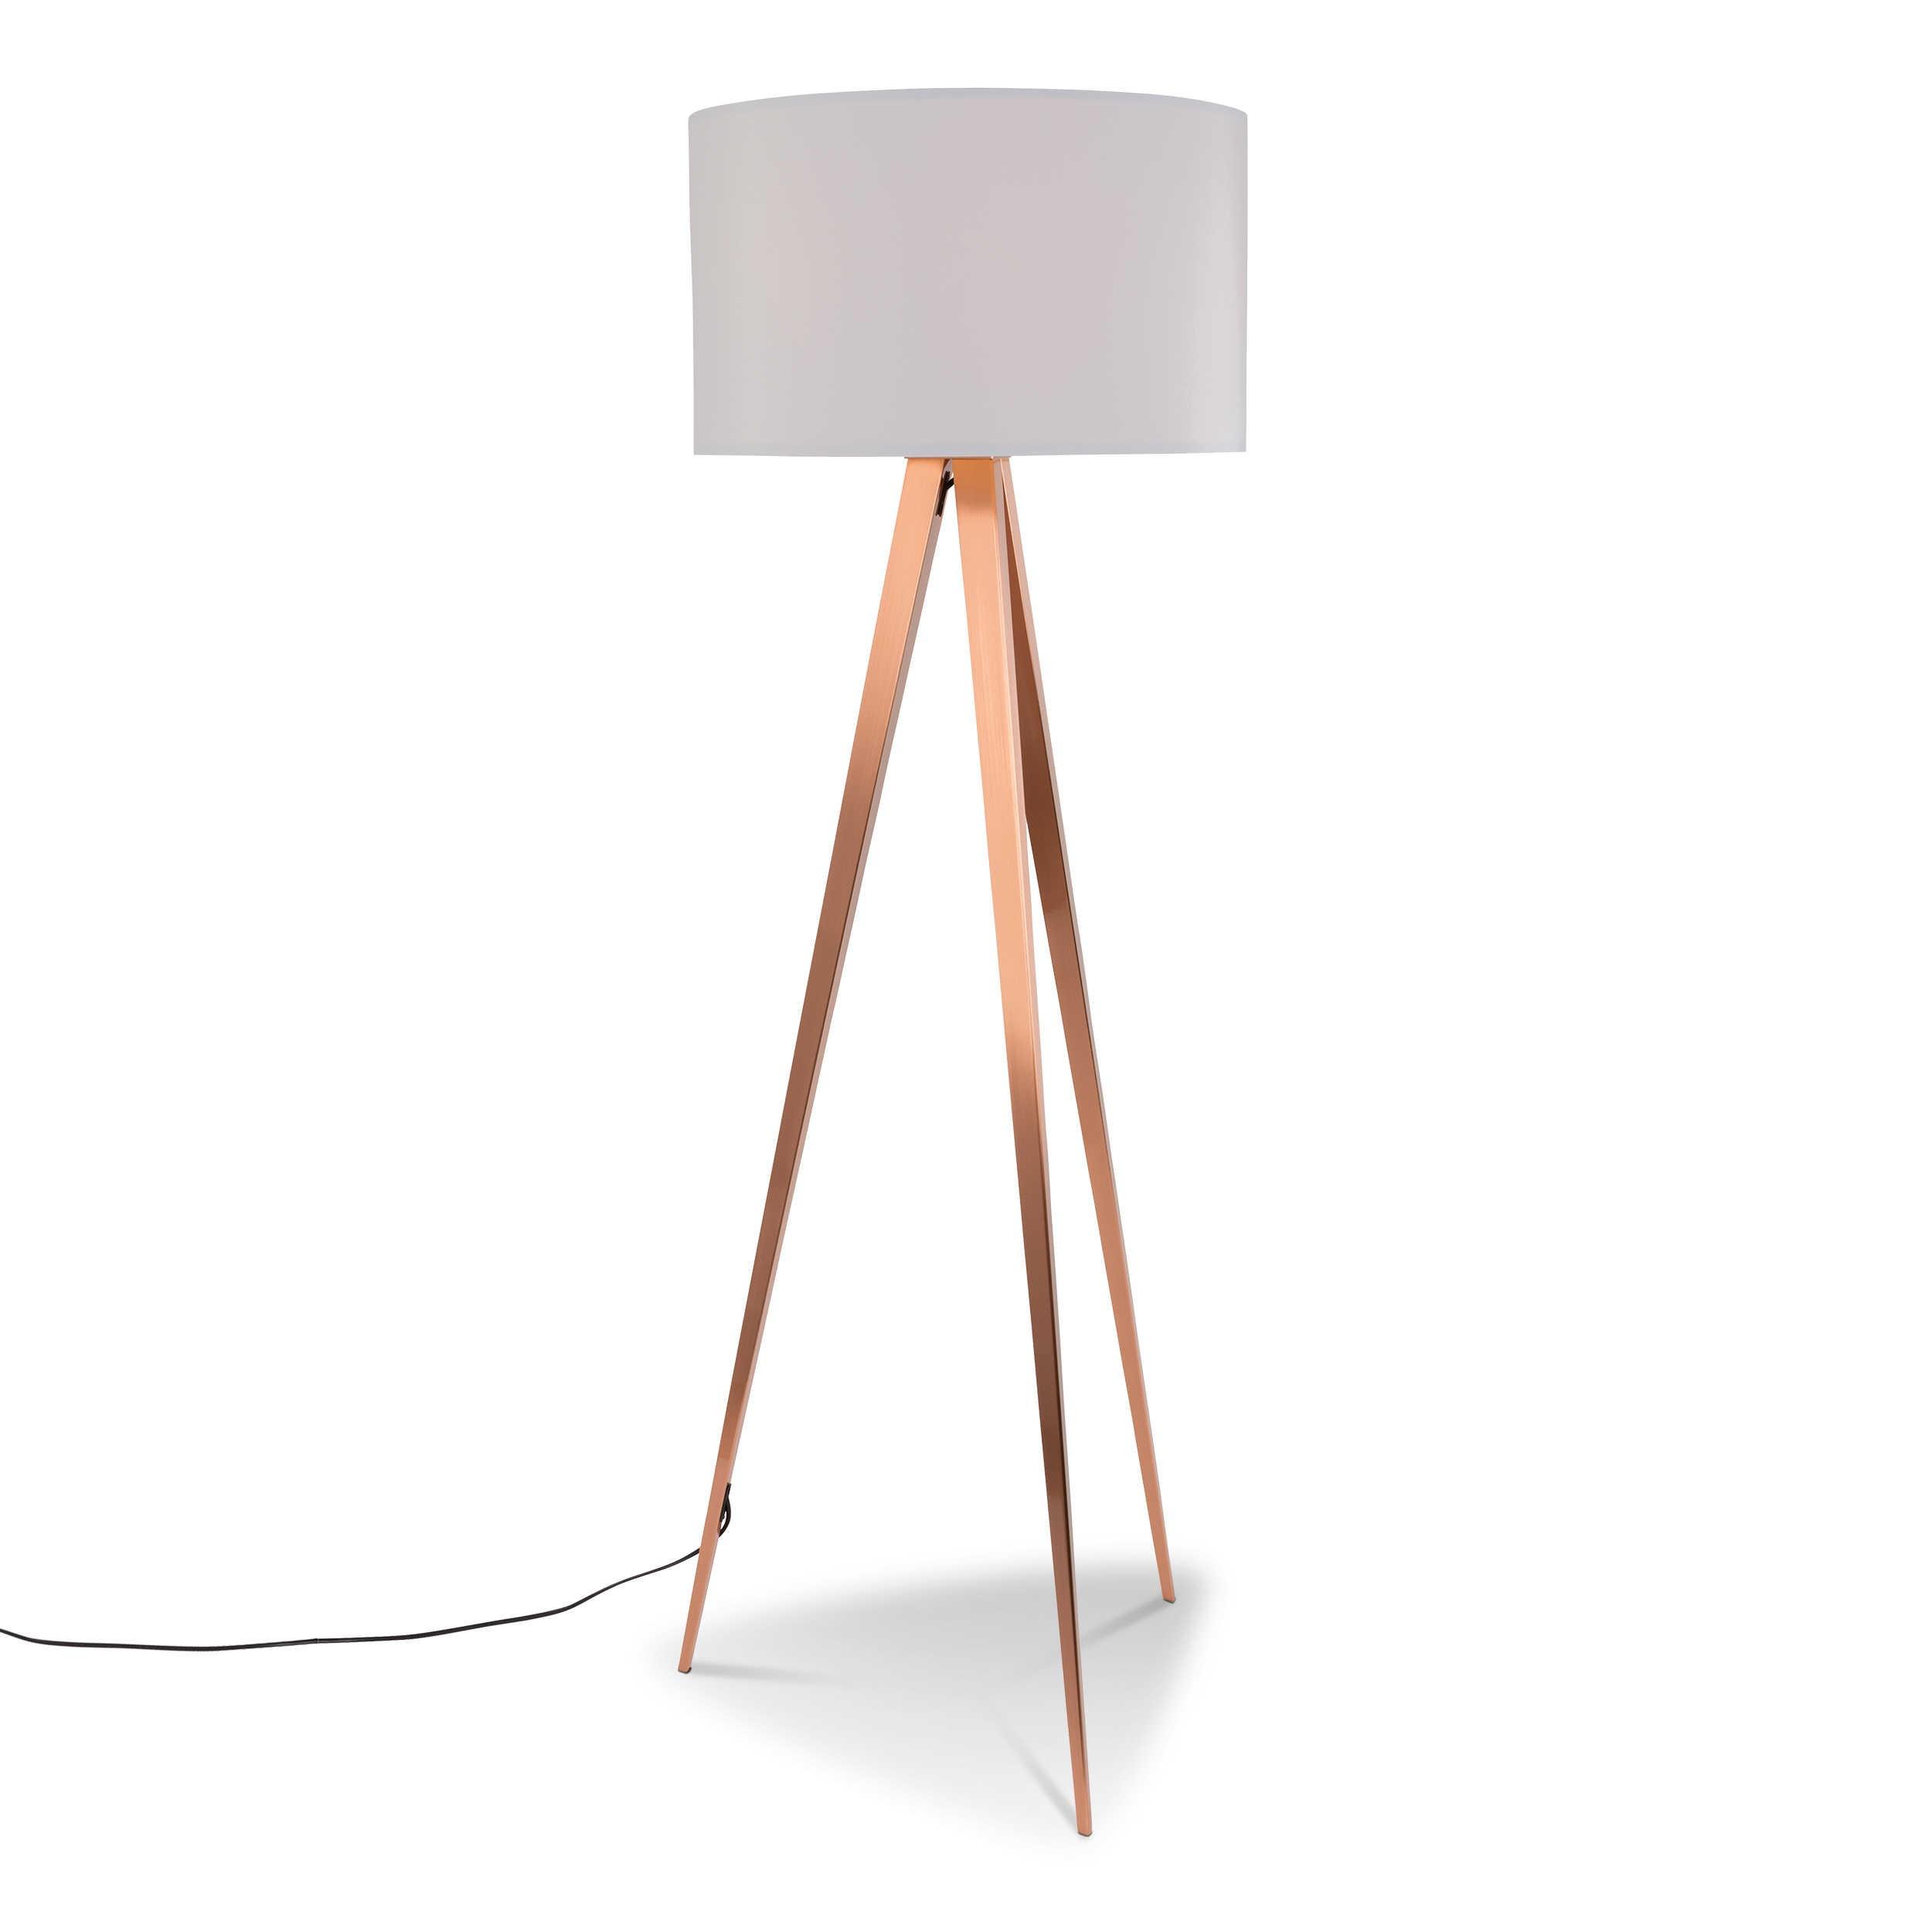 zuiver stehlampe tripod a wei alu eisen stahl metall online kaufen bei woonio. Black Bedroom Furniture Sets. Home Design Ideas